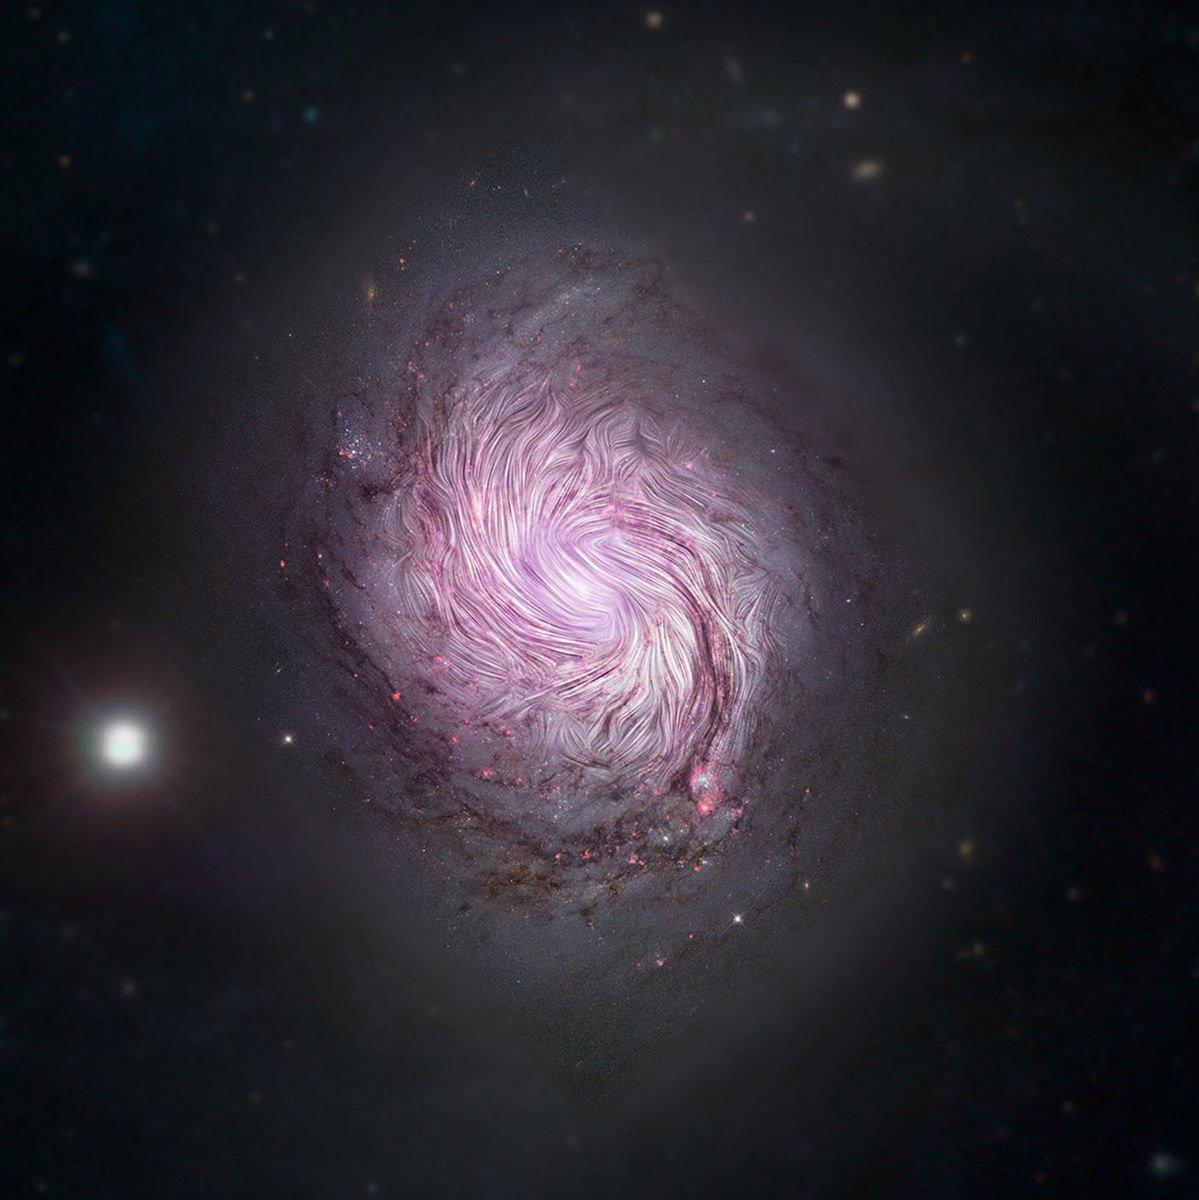 NASA的移動觀測台SOFIA觀測到螺旋星系M77的磁場分佈情況,科學家認為這有助於解釋銀河系旋臂的成因。(NASA/SOFIA)